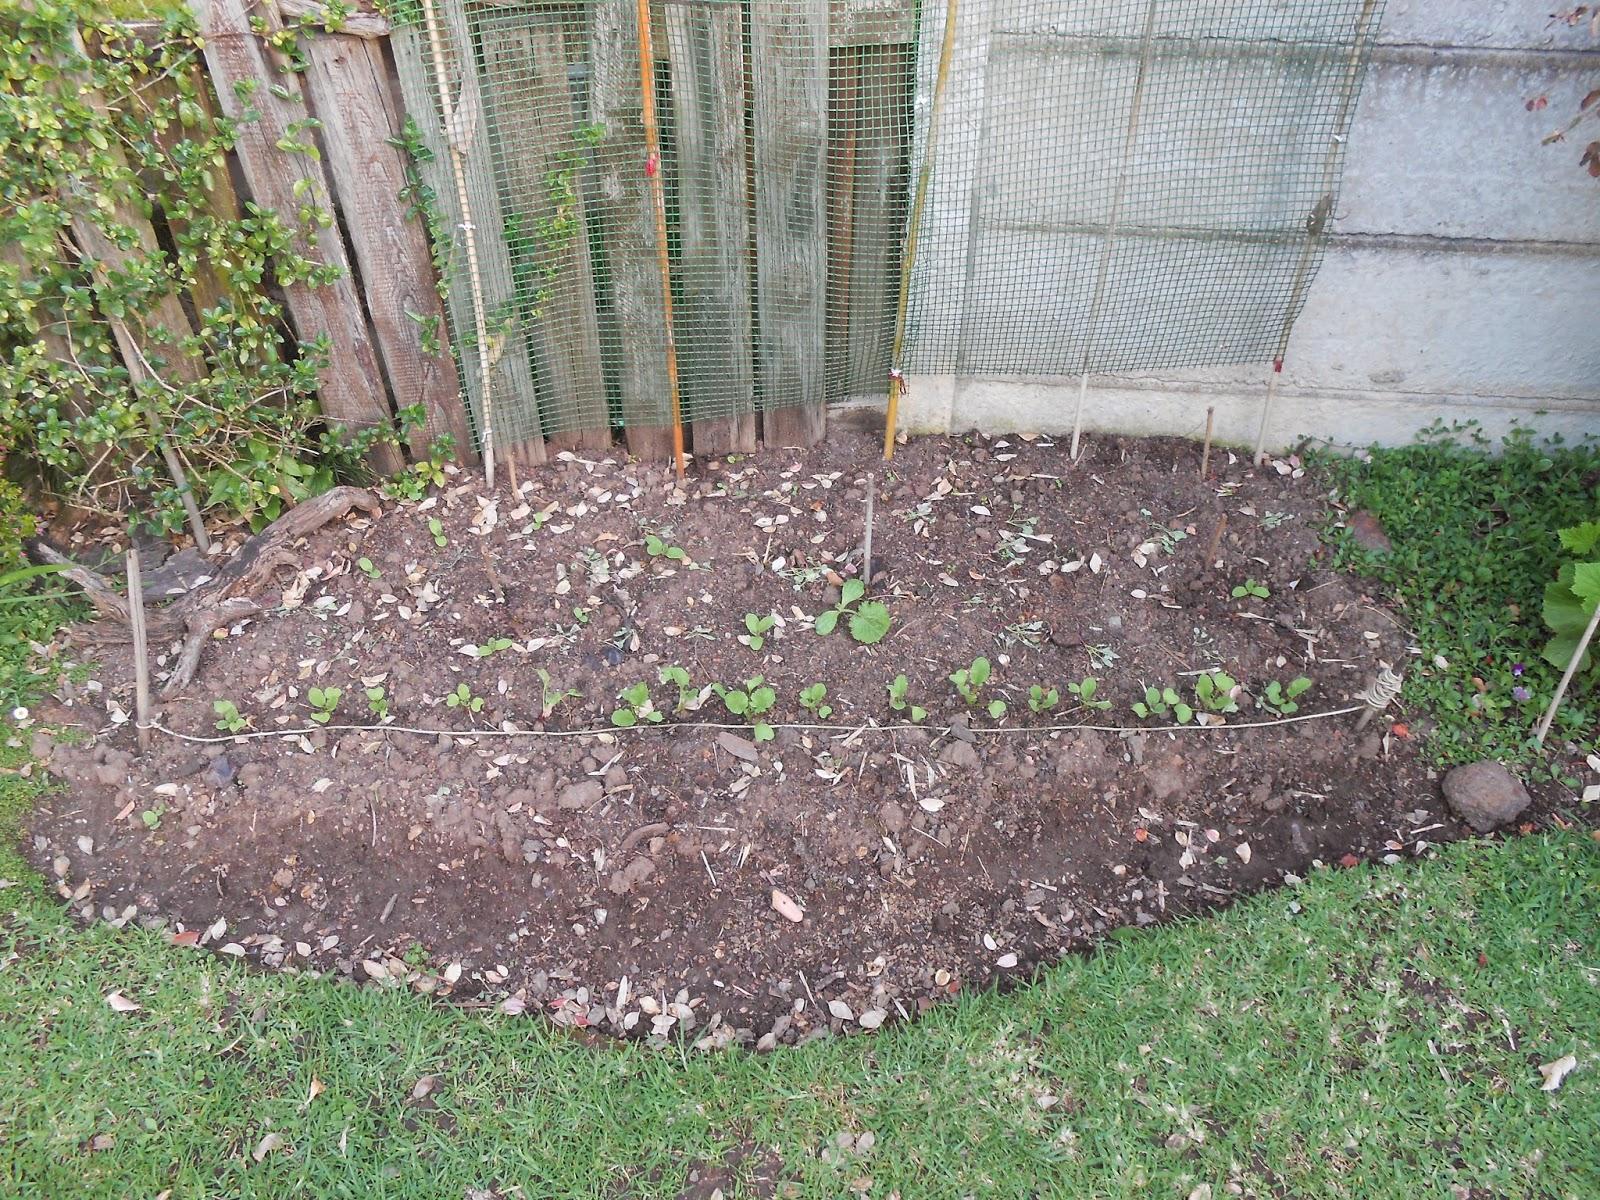 urban garden and backyard farming south africa